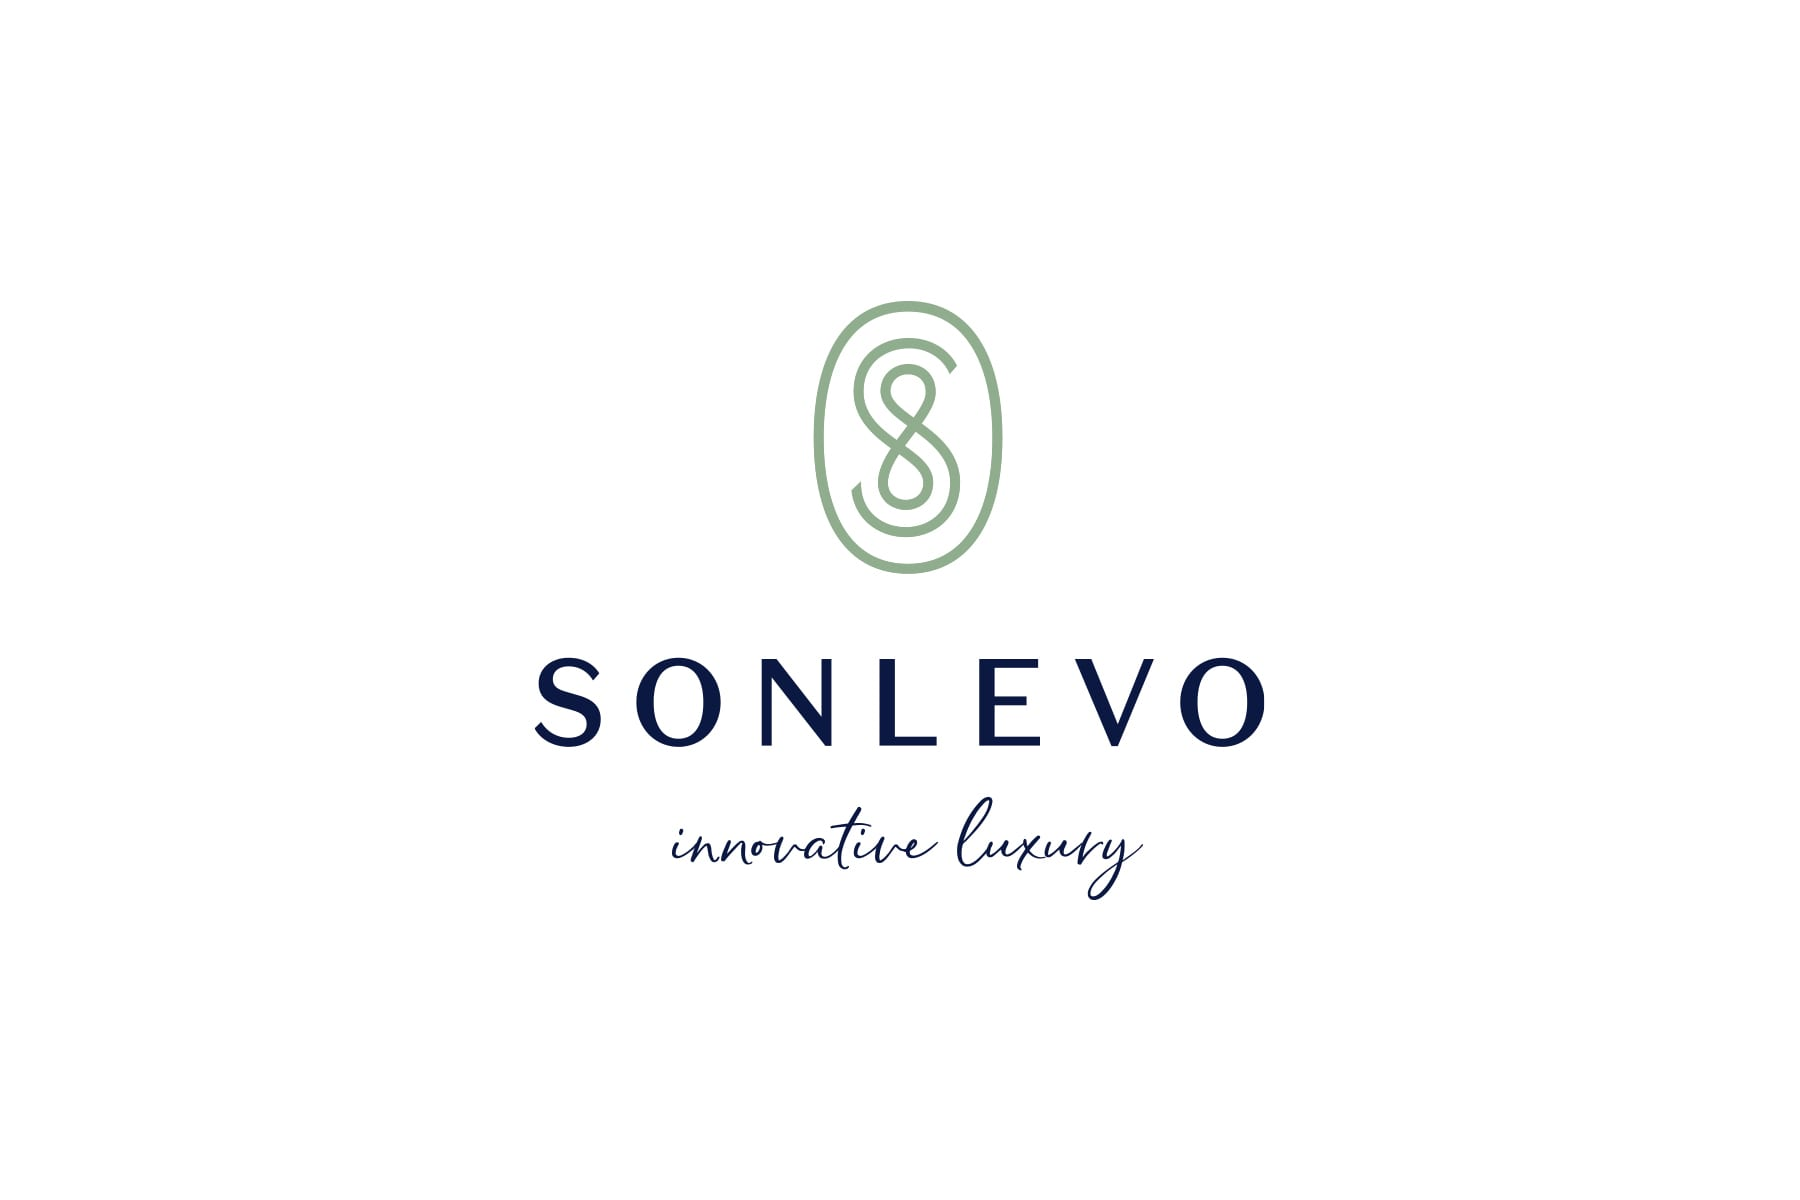 Sonlevo ID craeted by Zeke Creative